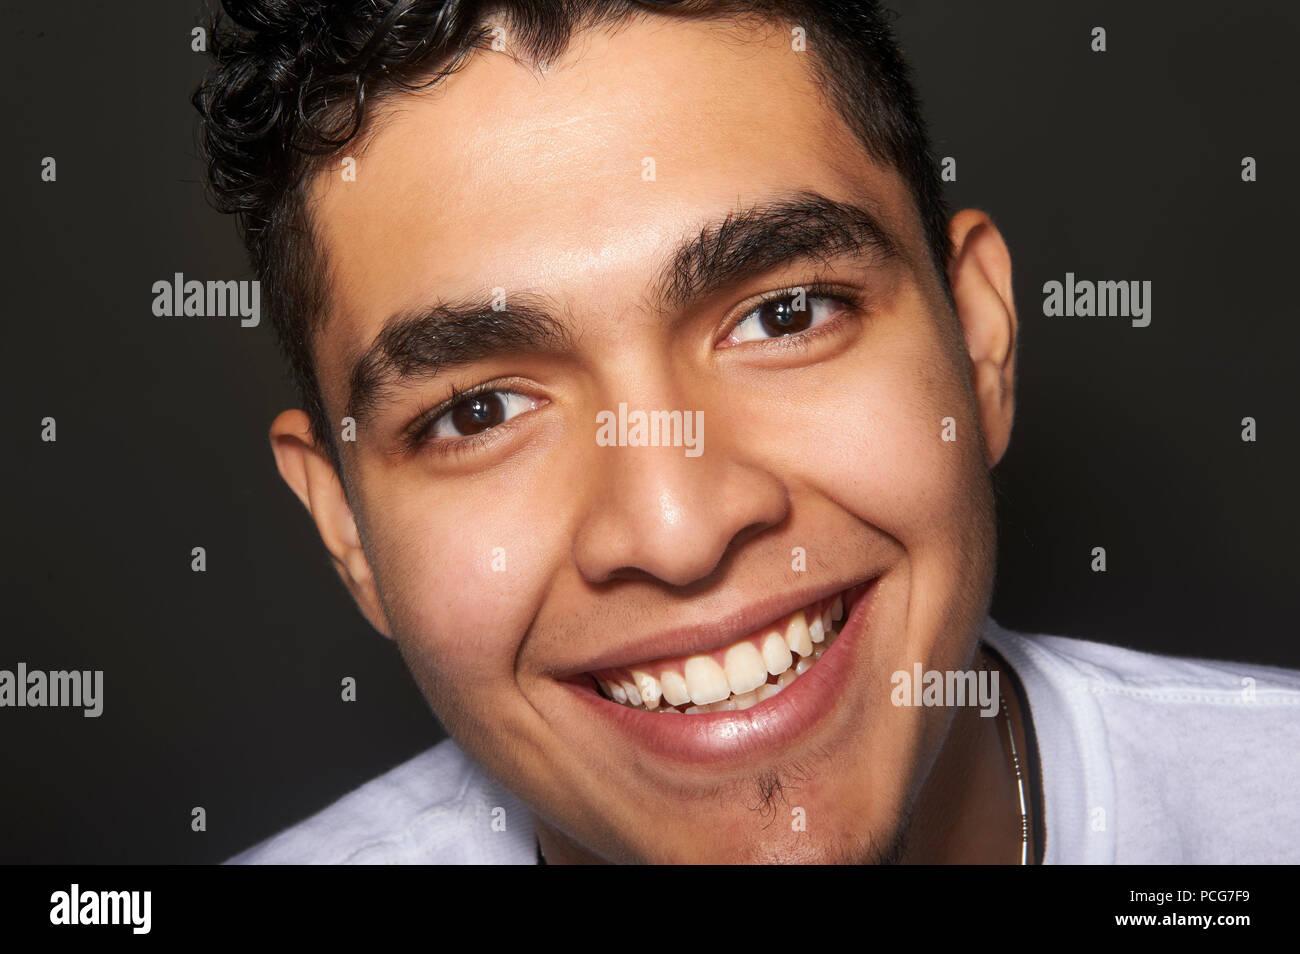 Retrato de estudio de una joven de 19 años de edad, sonriendo Imagen De Stock